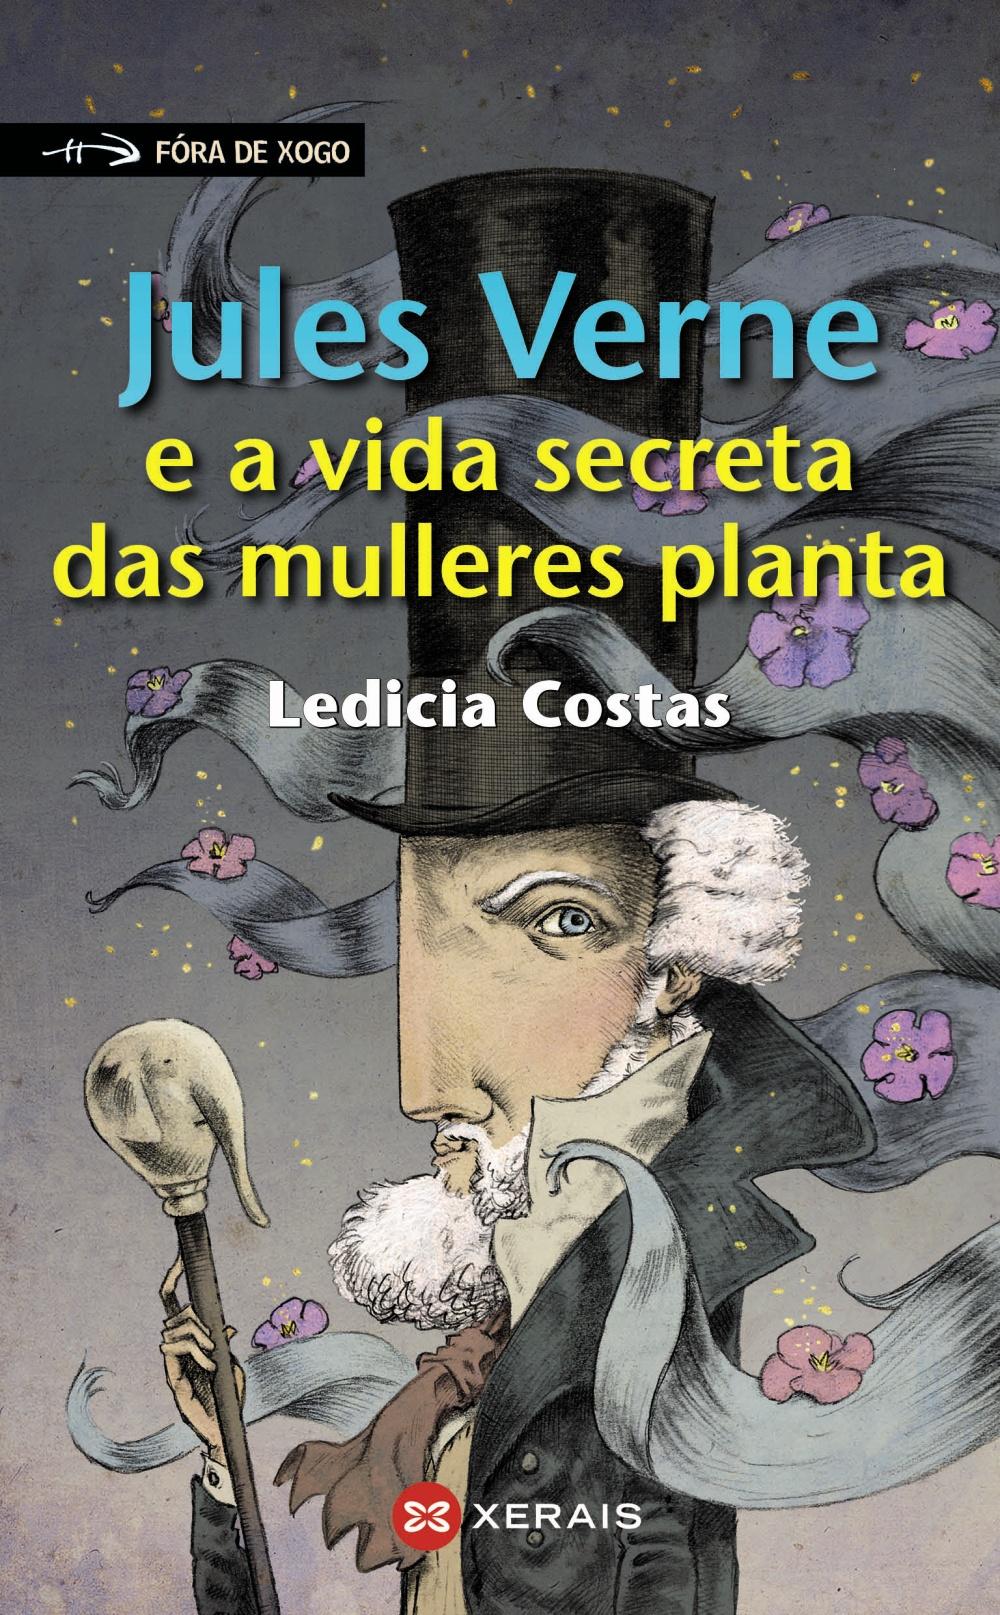 jules verne e a vida secreta das mulleres planta-ledicia costas-9788491210702